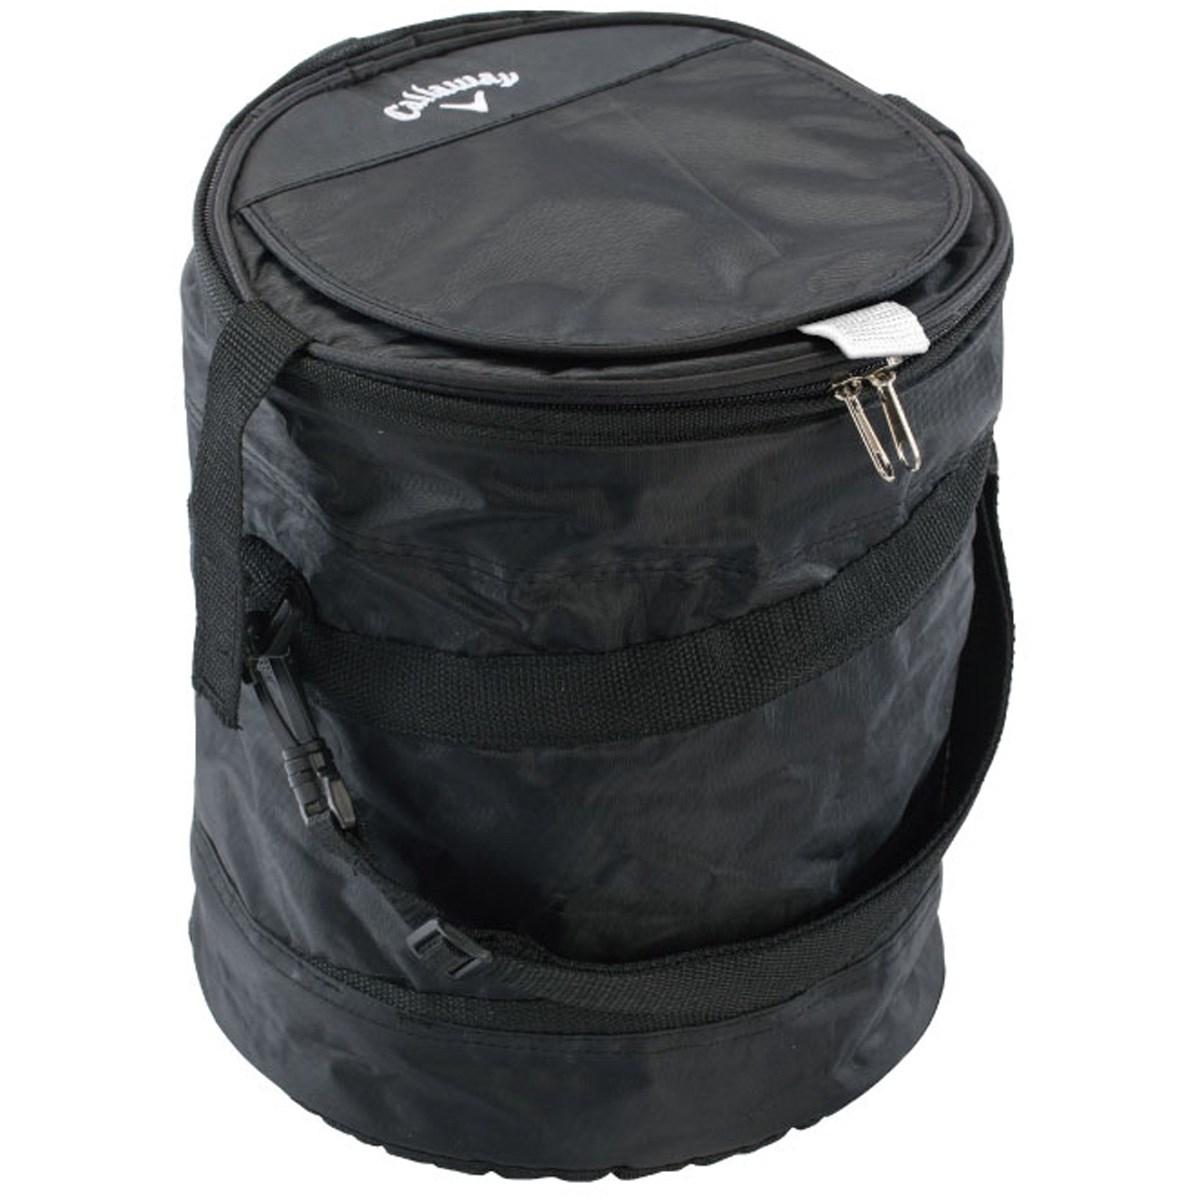 キャロウェイゴルフ(Callaway Golf) ドラム型クーラーバッグ